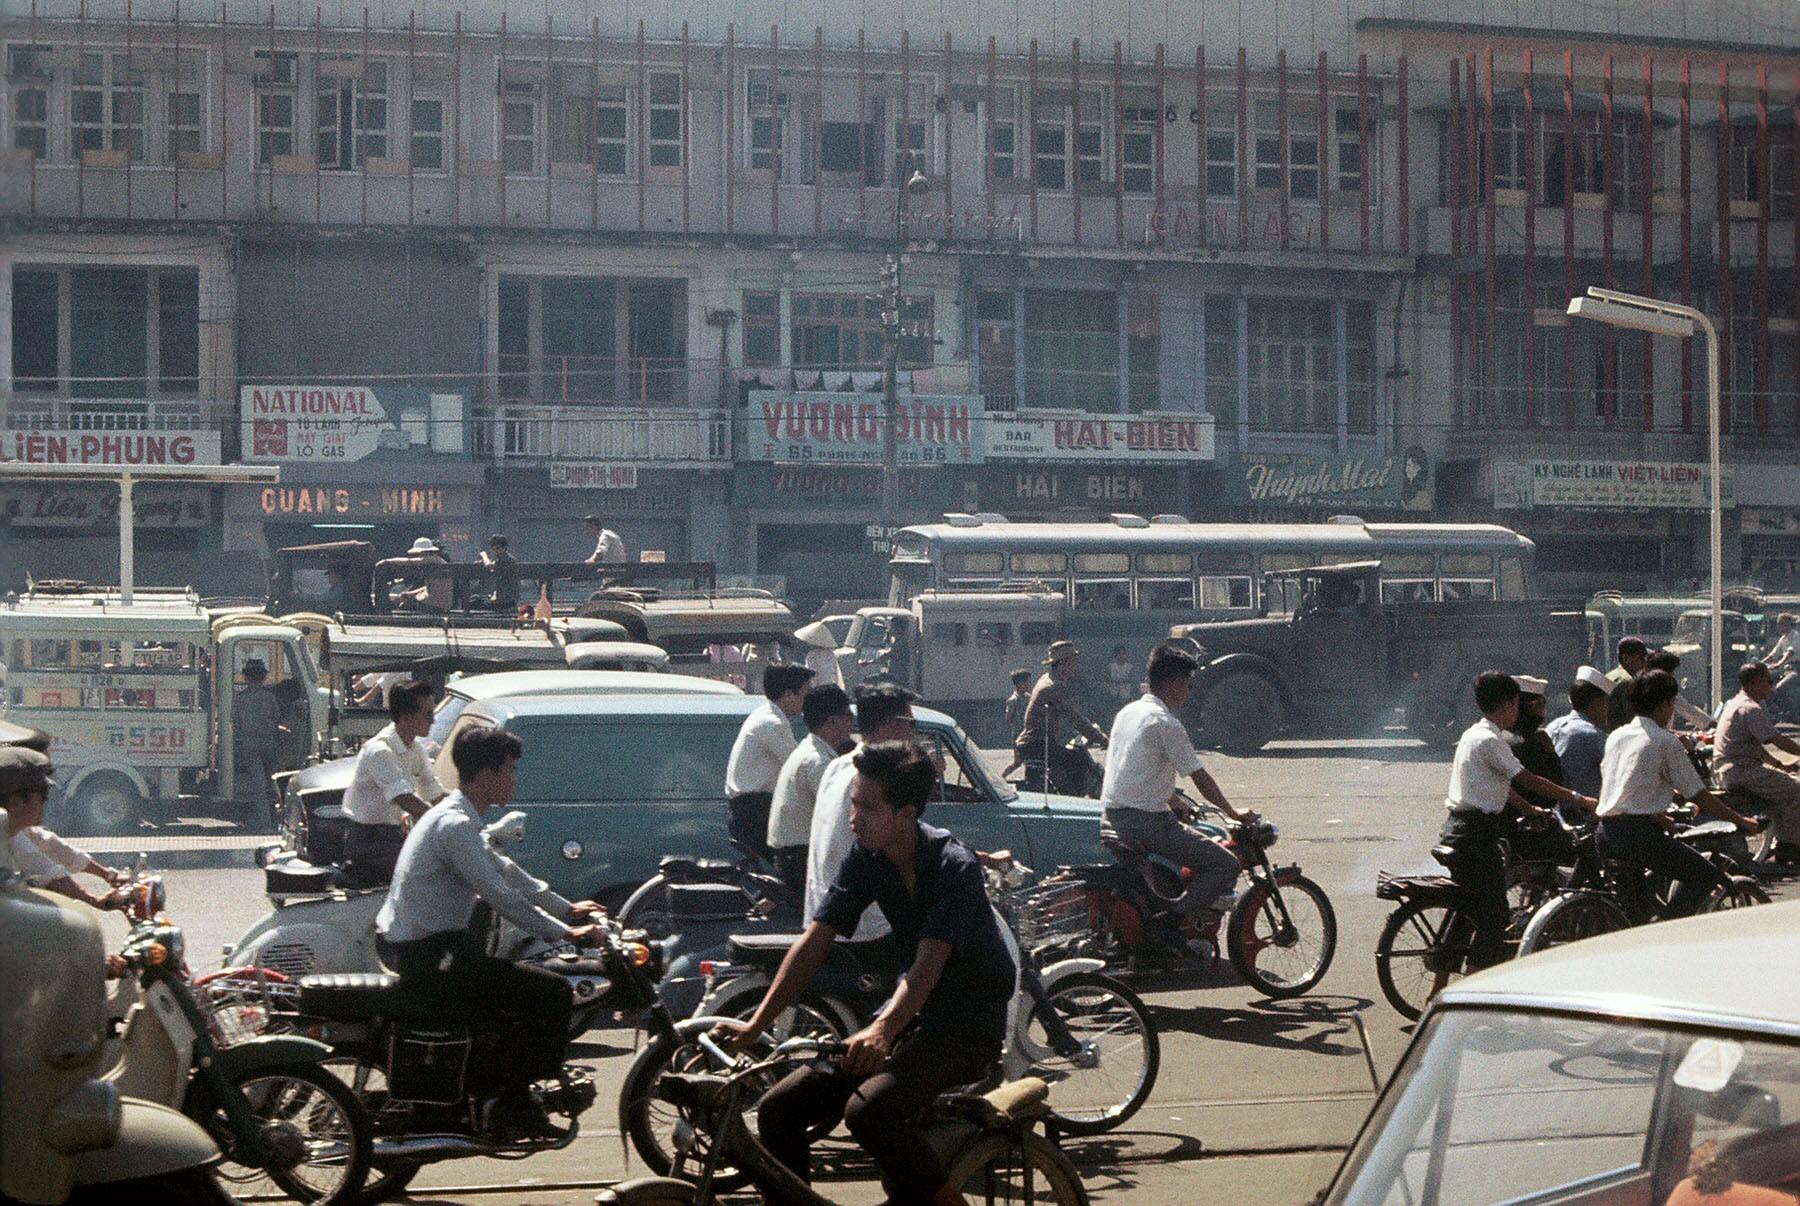 Sài Gòn 1969-1970 trong ảnh của một sĩ quan tâm lý chiến Mỹ